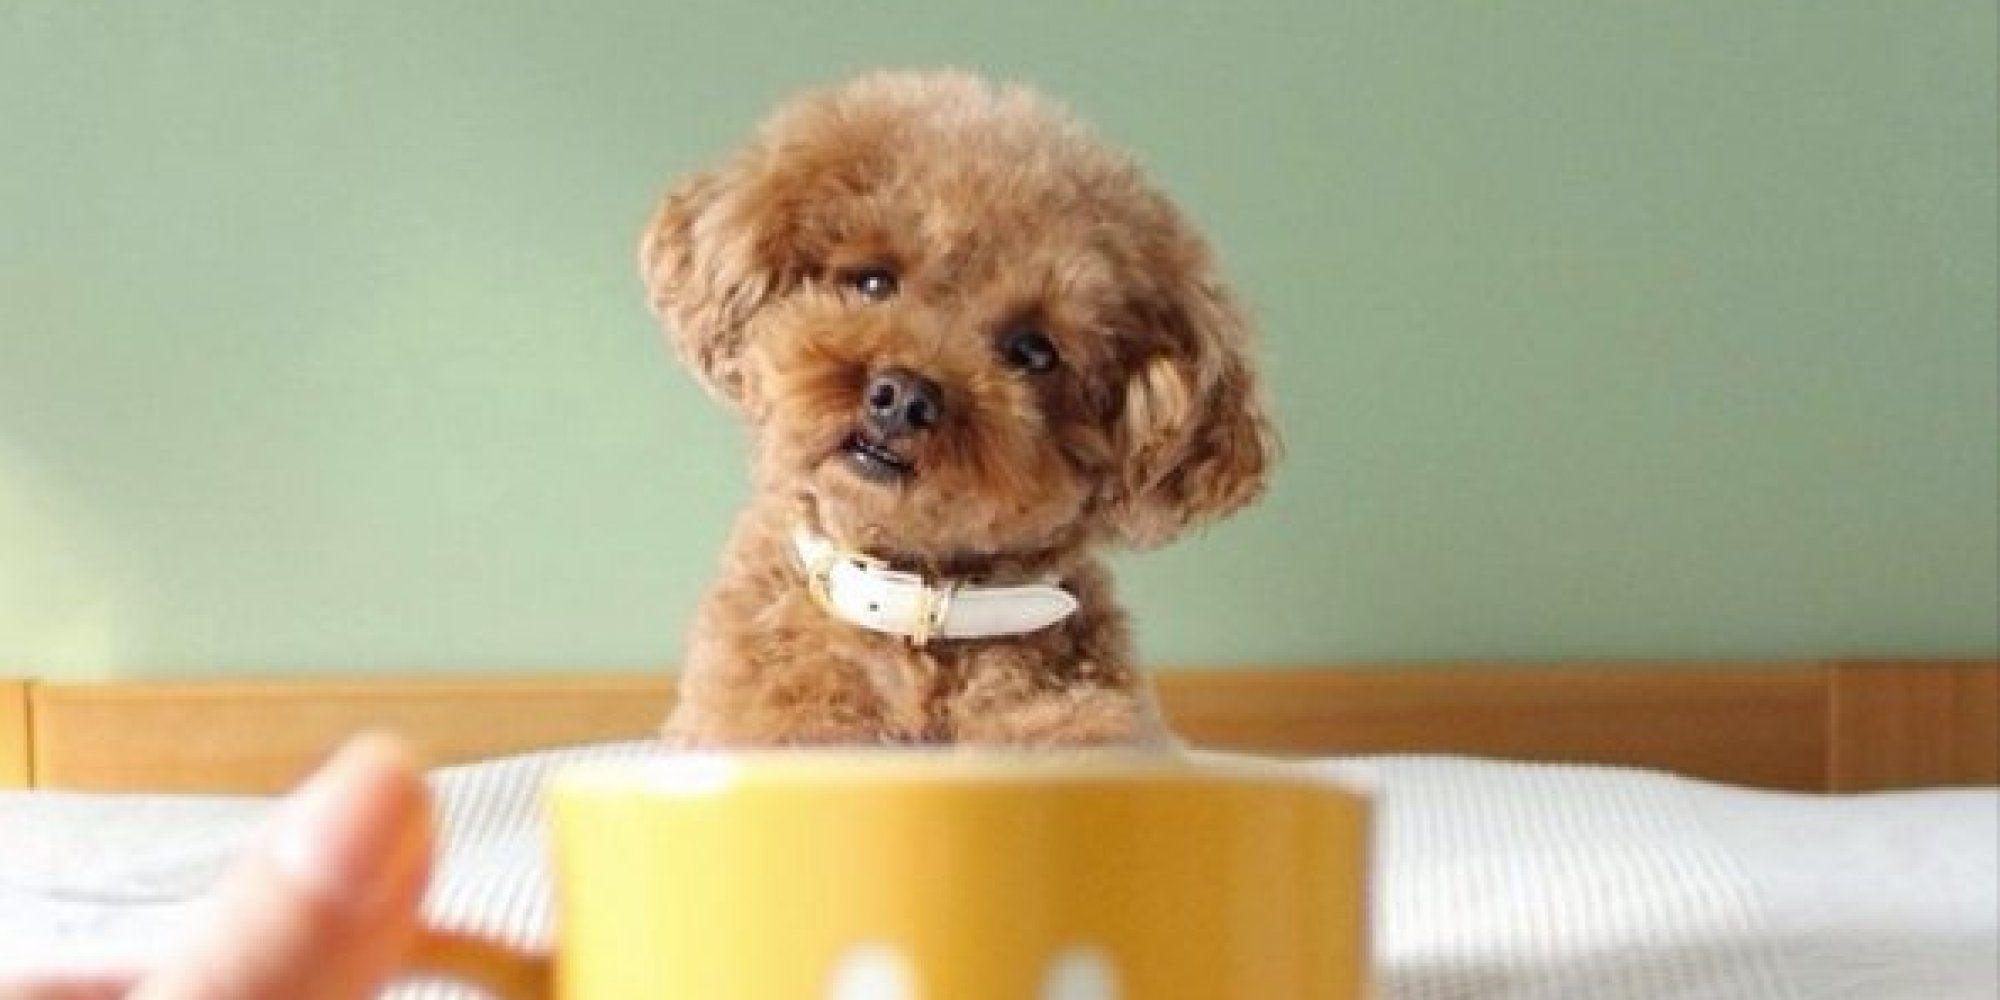 Dog mugging!